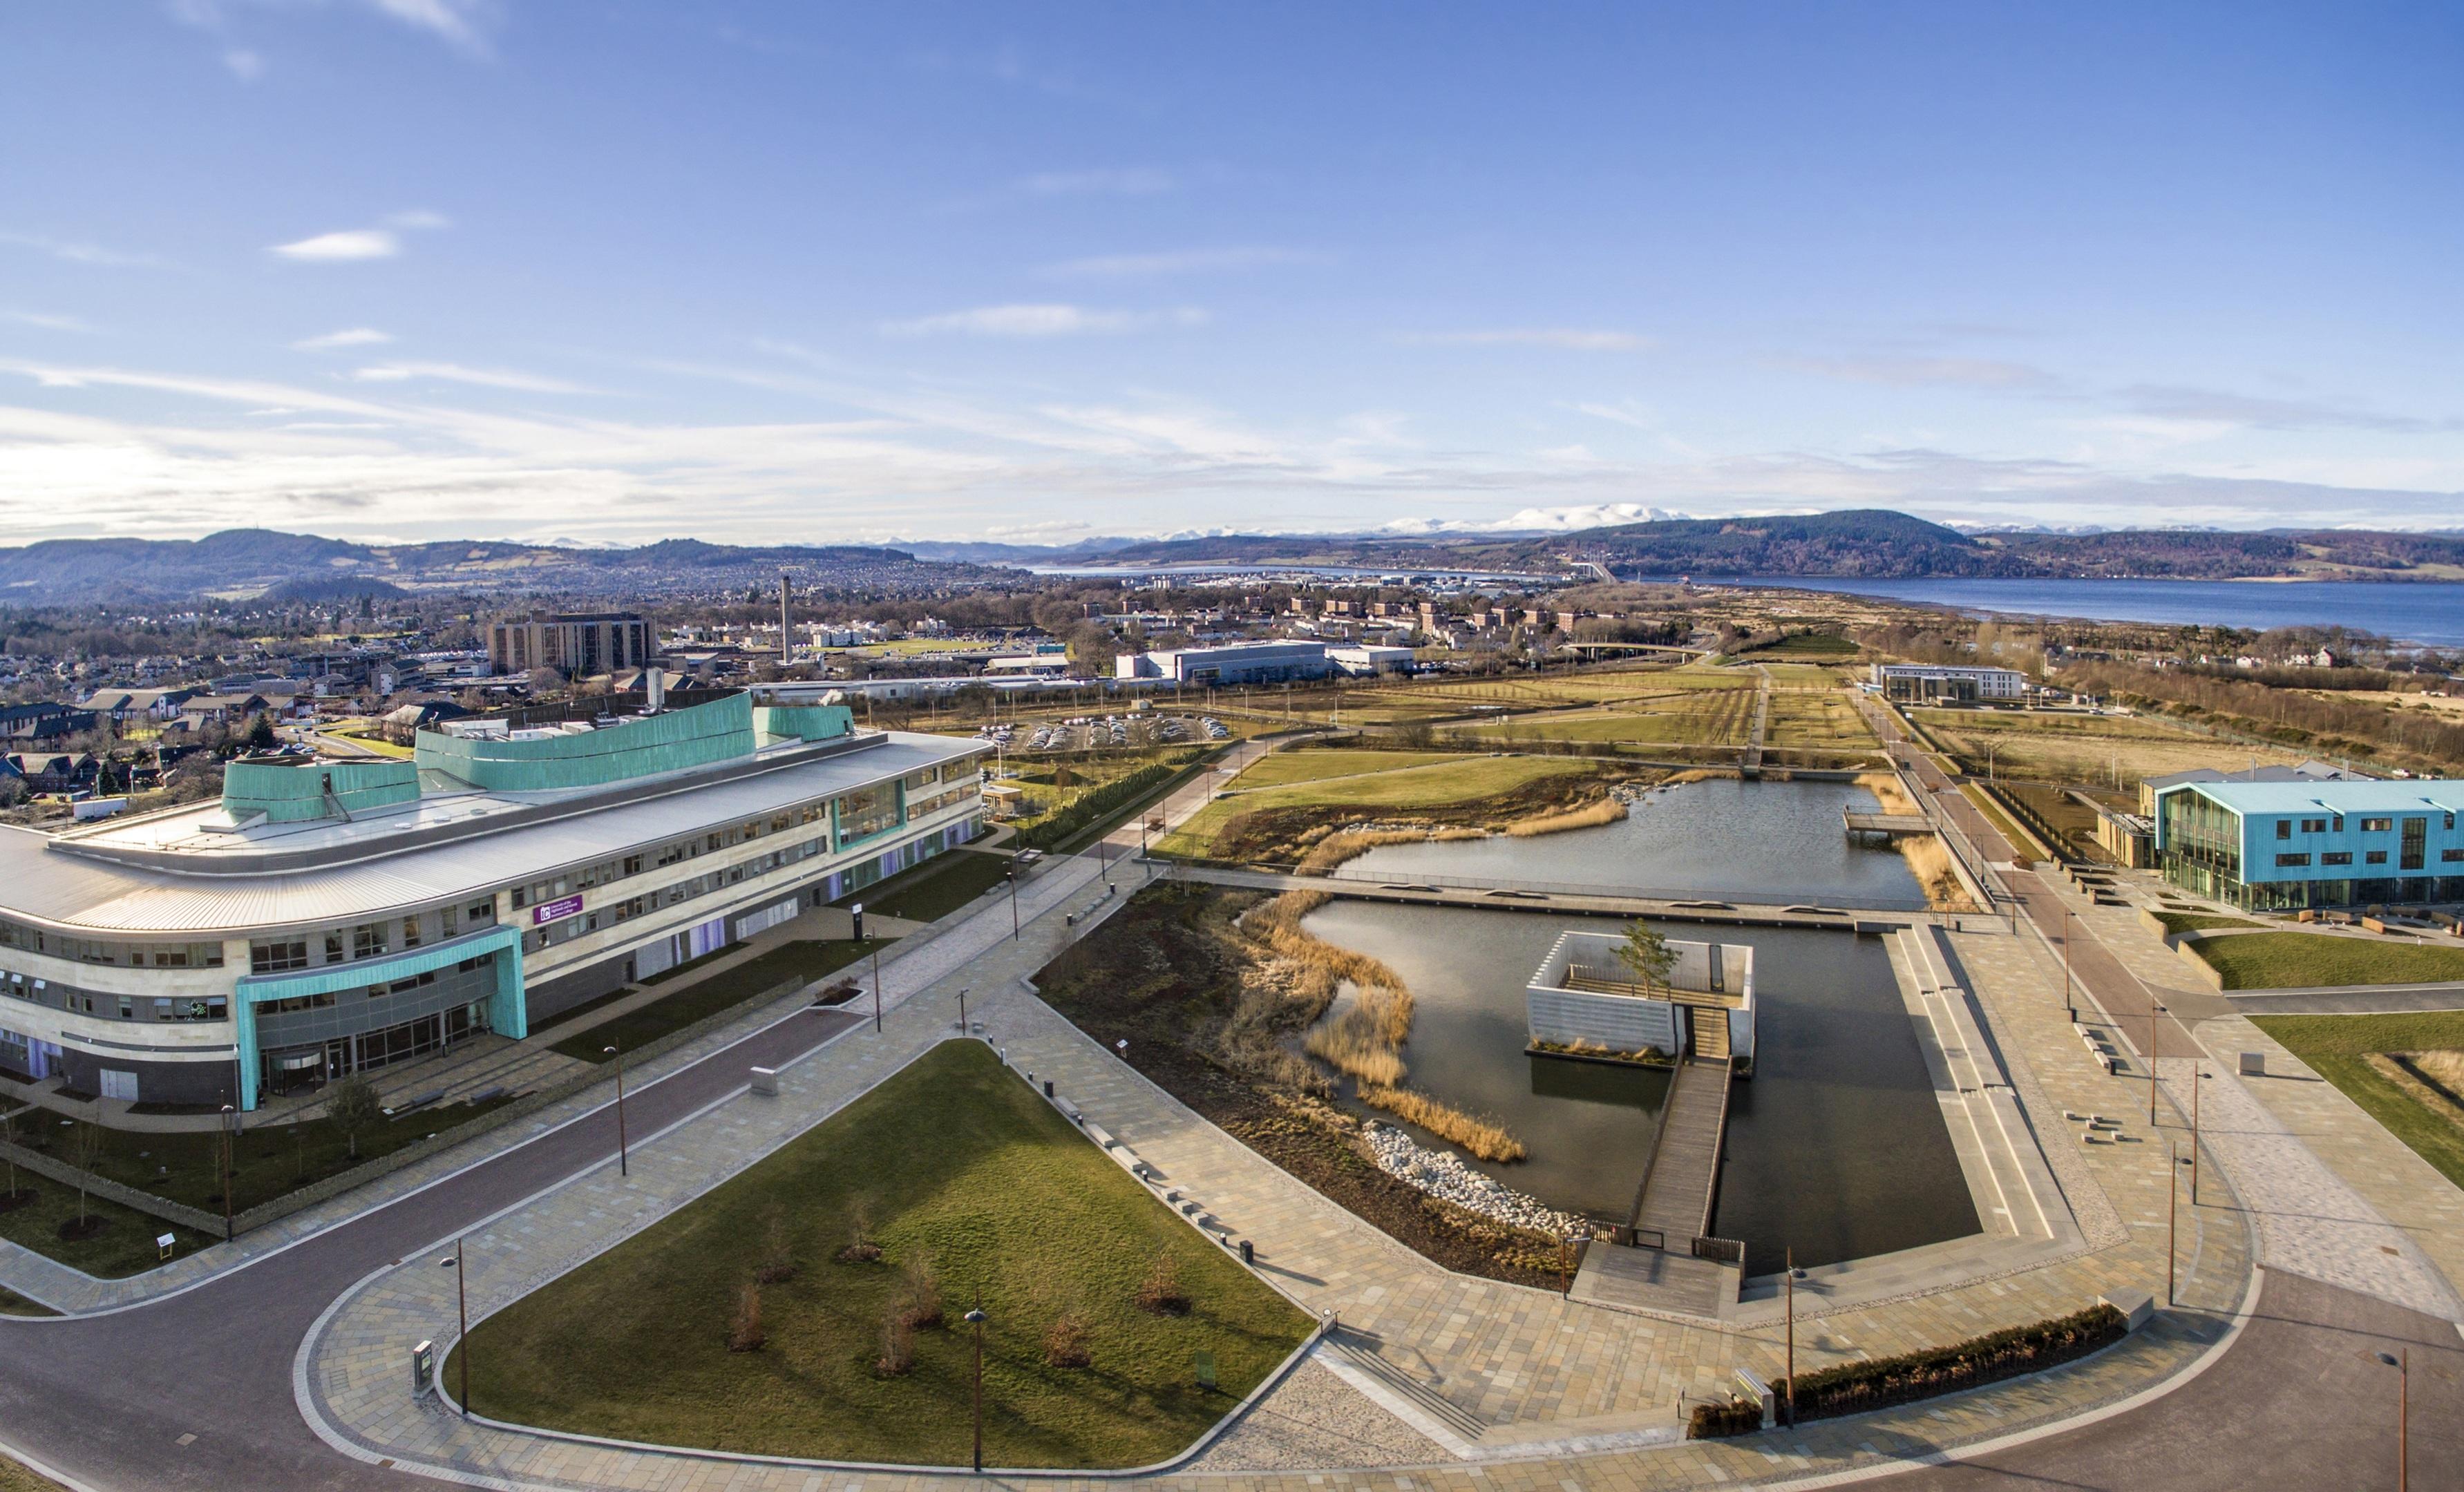 Aerial image of Inverness Campus